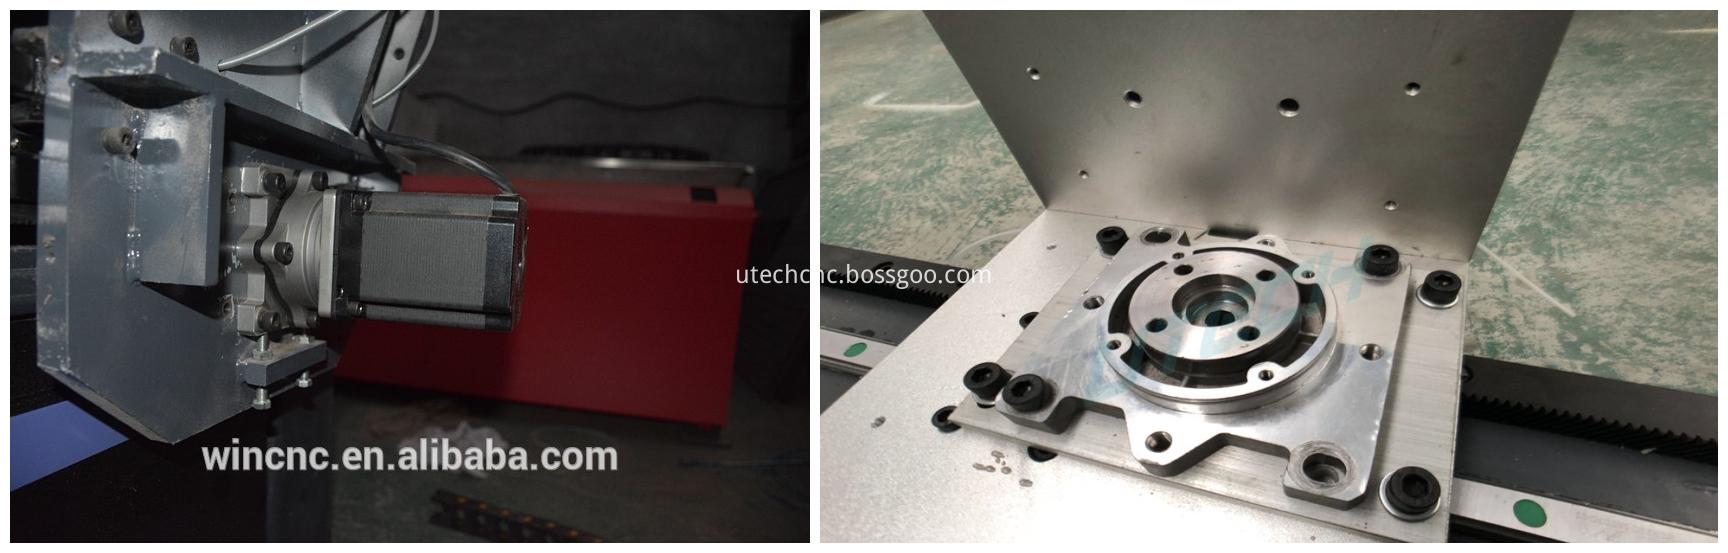 top 10 cnc machine manufacturers